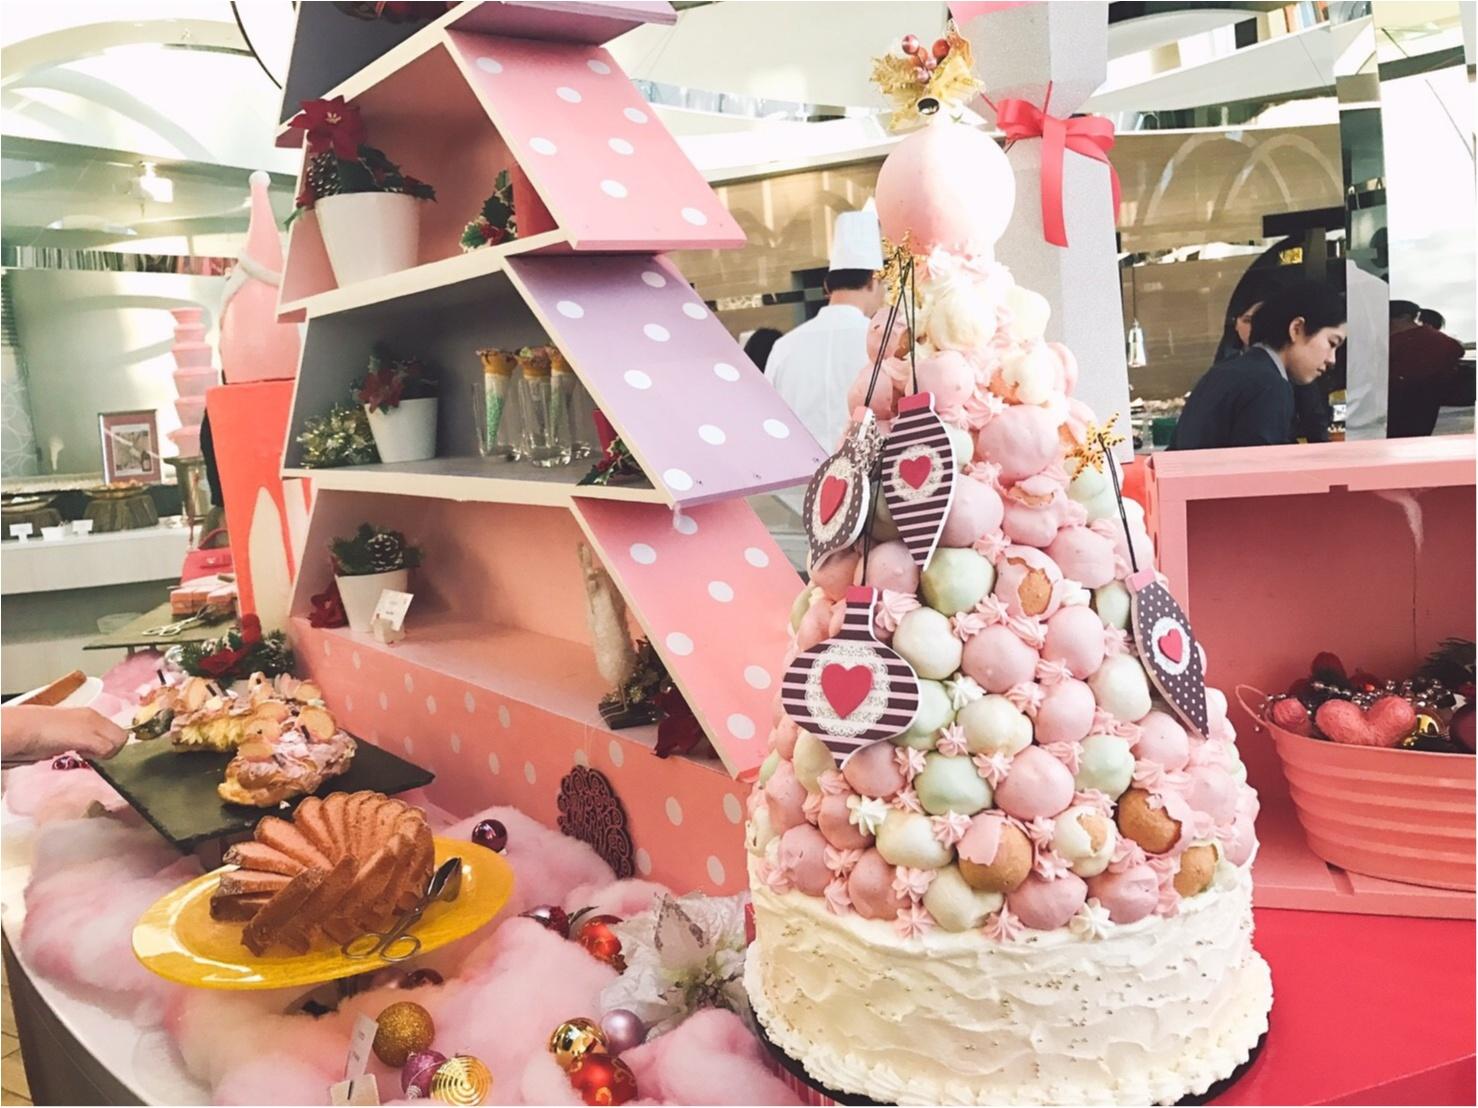 ♡モアハピ女子会!ヒルトン東京ベイのピンクだらけの可愛すぎるブッフェがお得すぎる♡_1